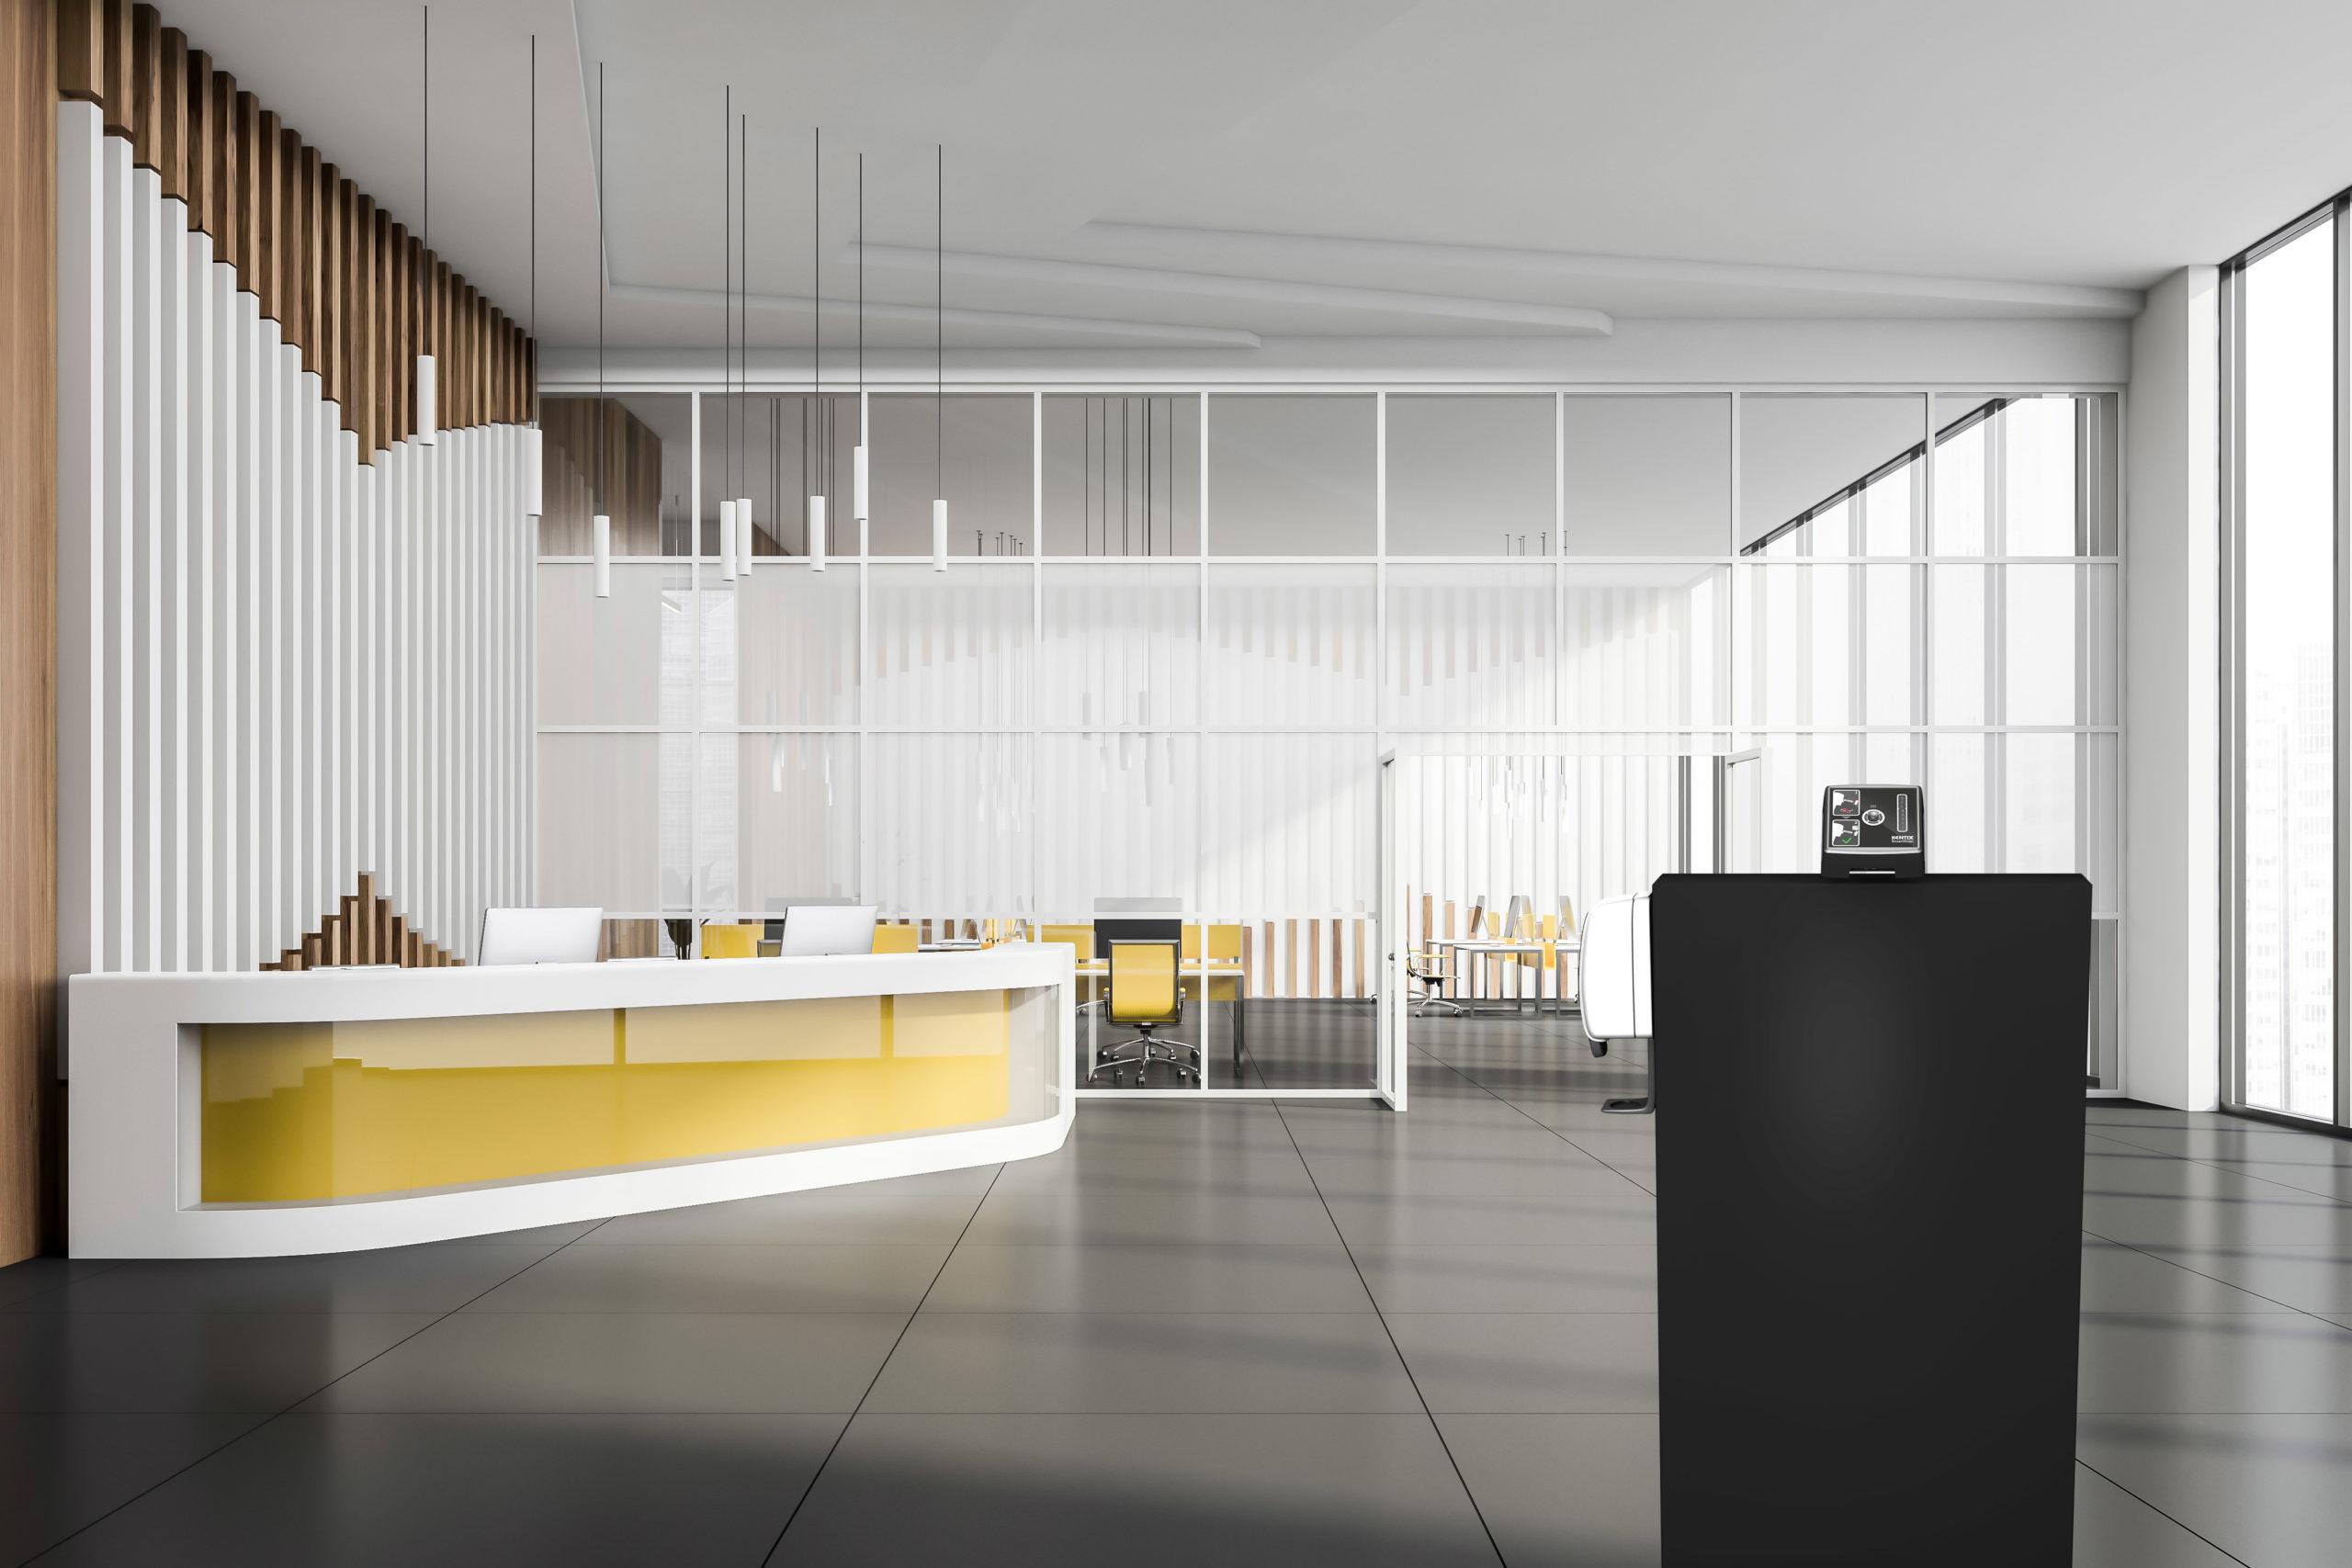 Kentix SmartXcan mit Stele von VINTIN - Eingangsbereich Innen